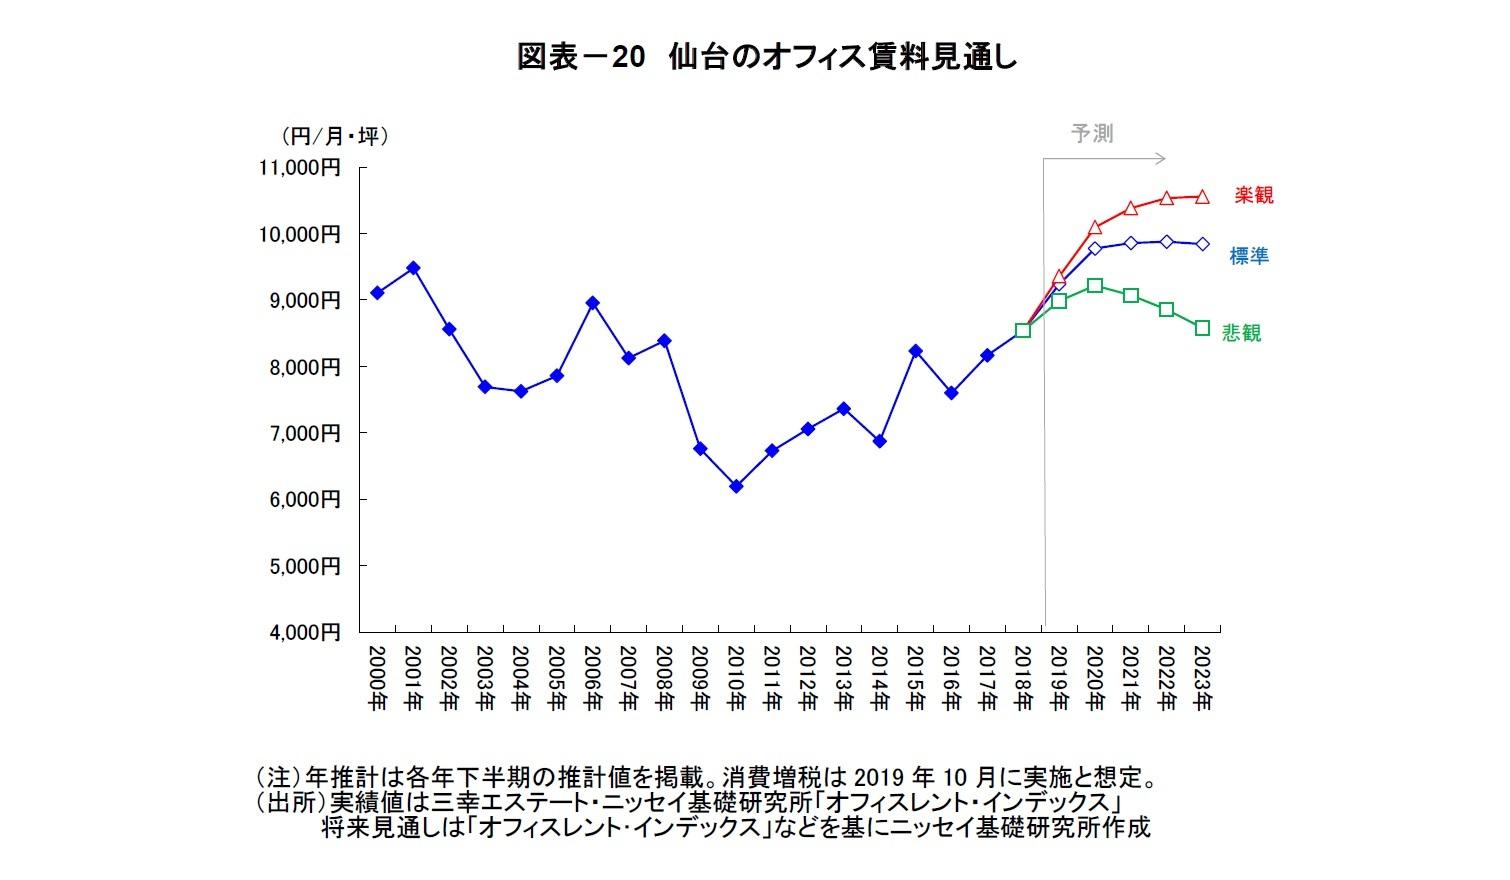 図表-20 仙台のオフィス賃料見通し